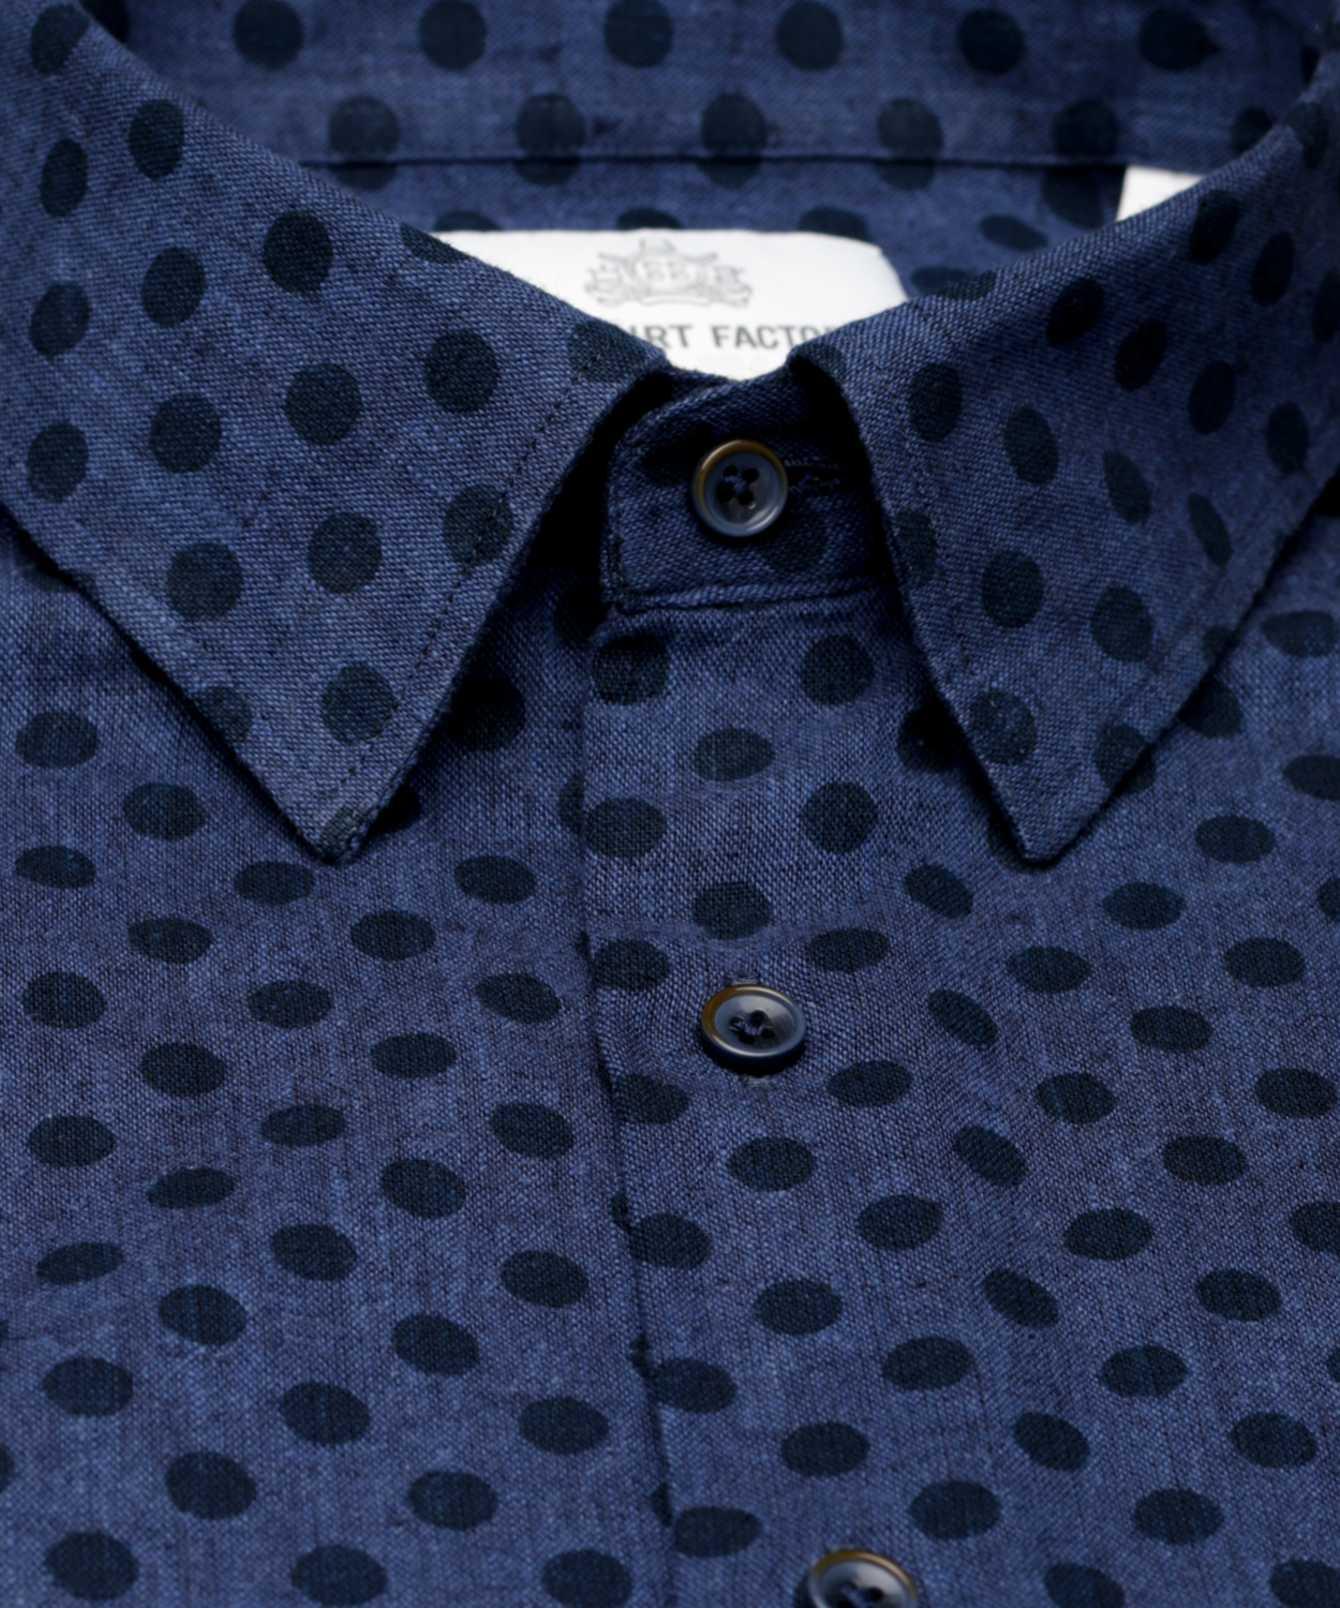 Shirt Felix Linne The Shirt Factory